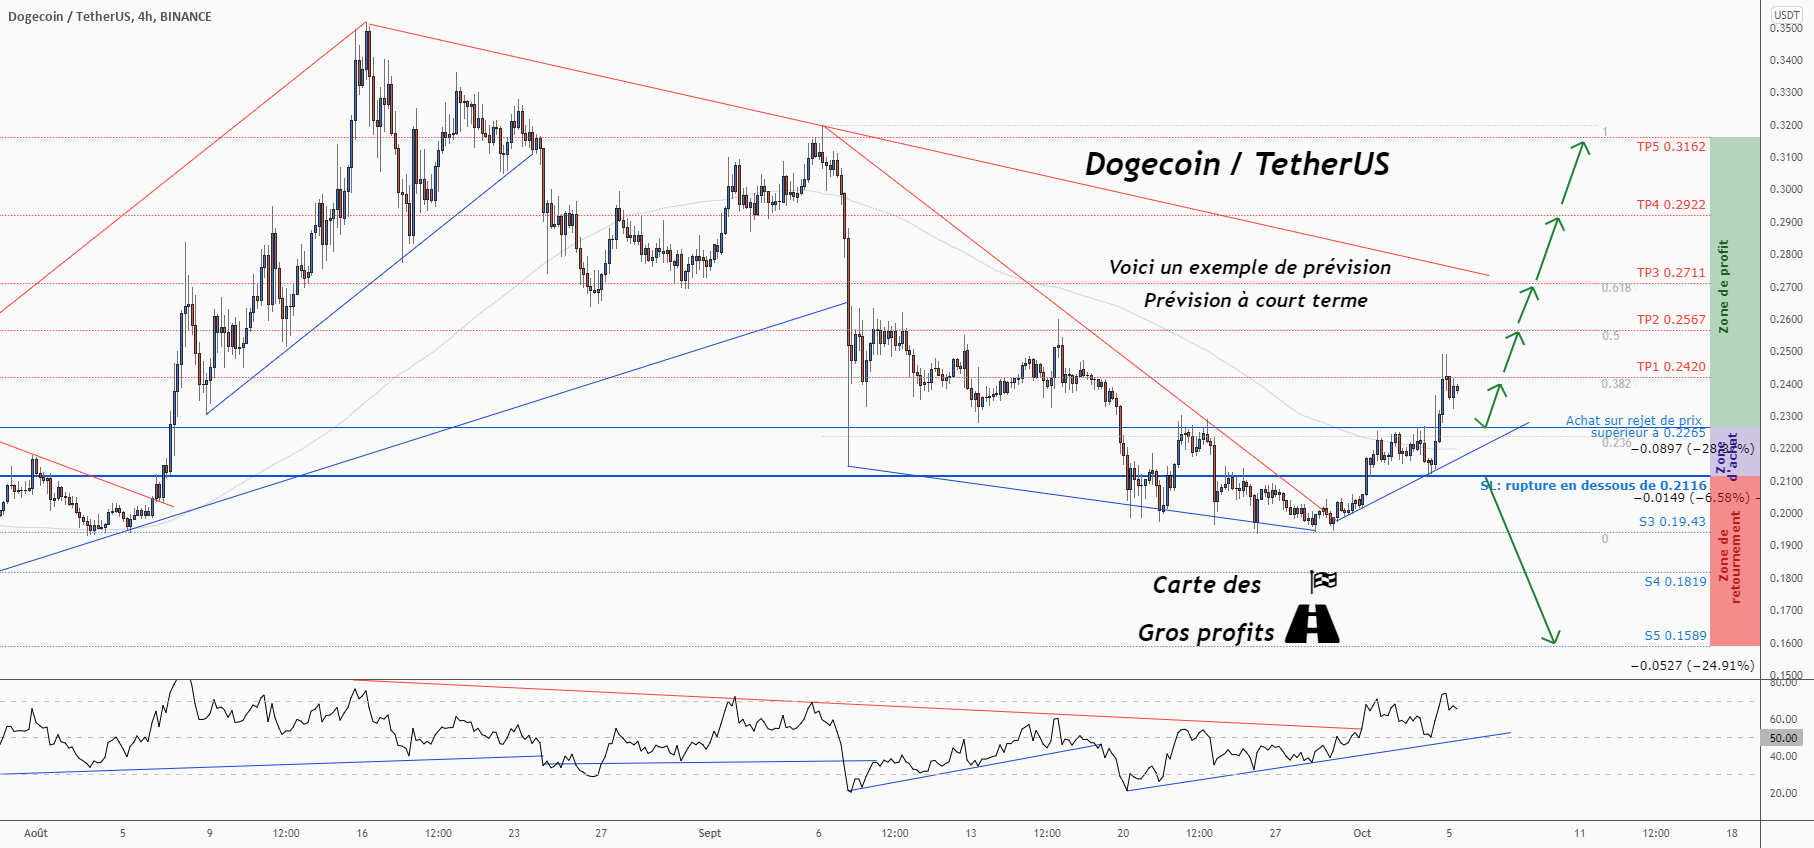 💡Ne manquez pas cette grande opportunité d'achat de DOGEUSDT pour BINANCE:DOGEUSDT par ForecastCity_Francais